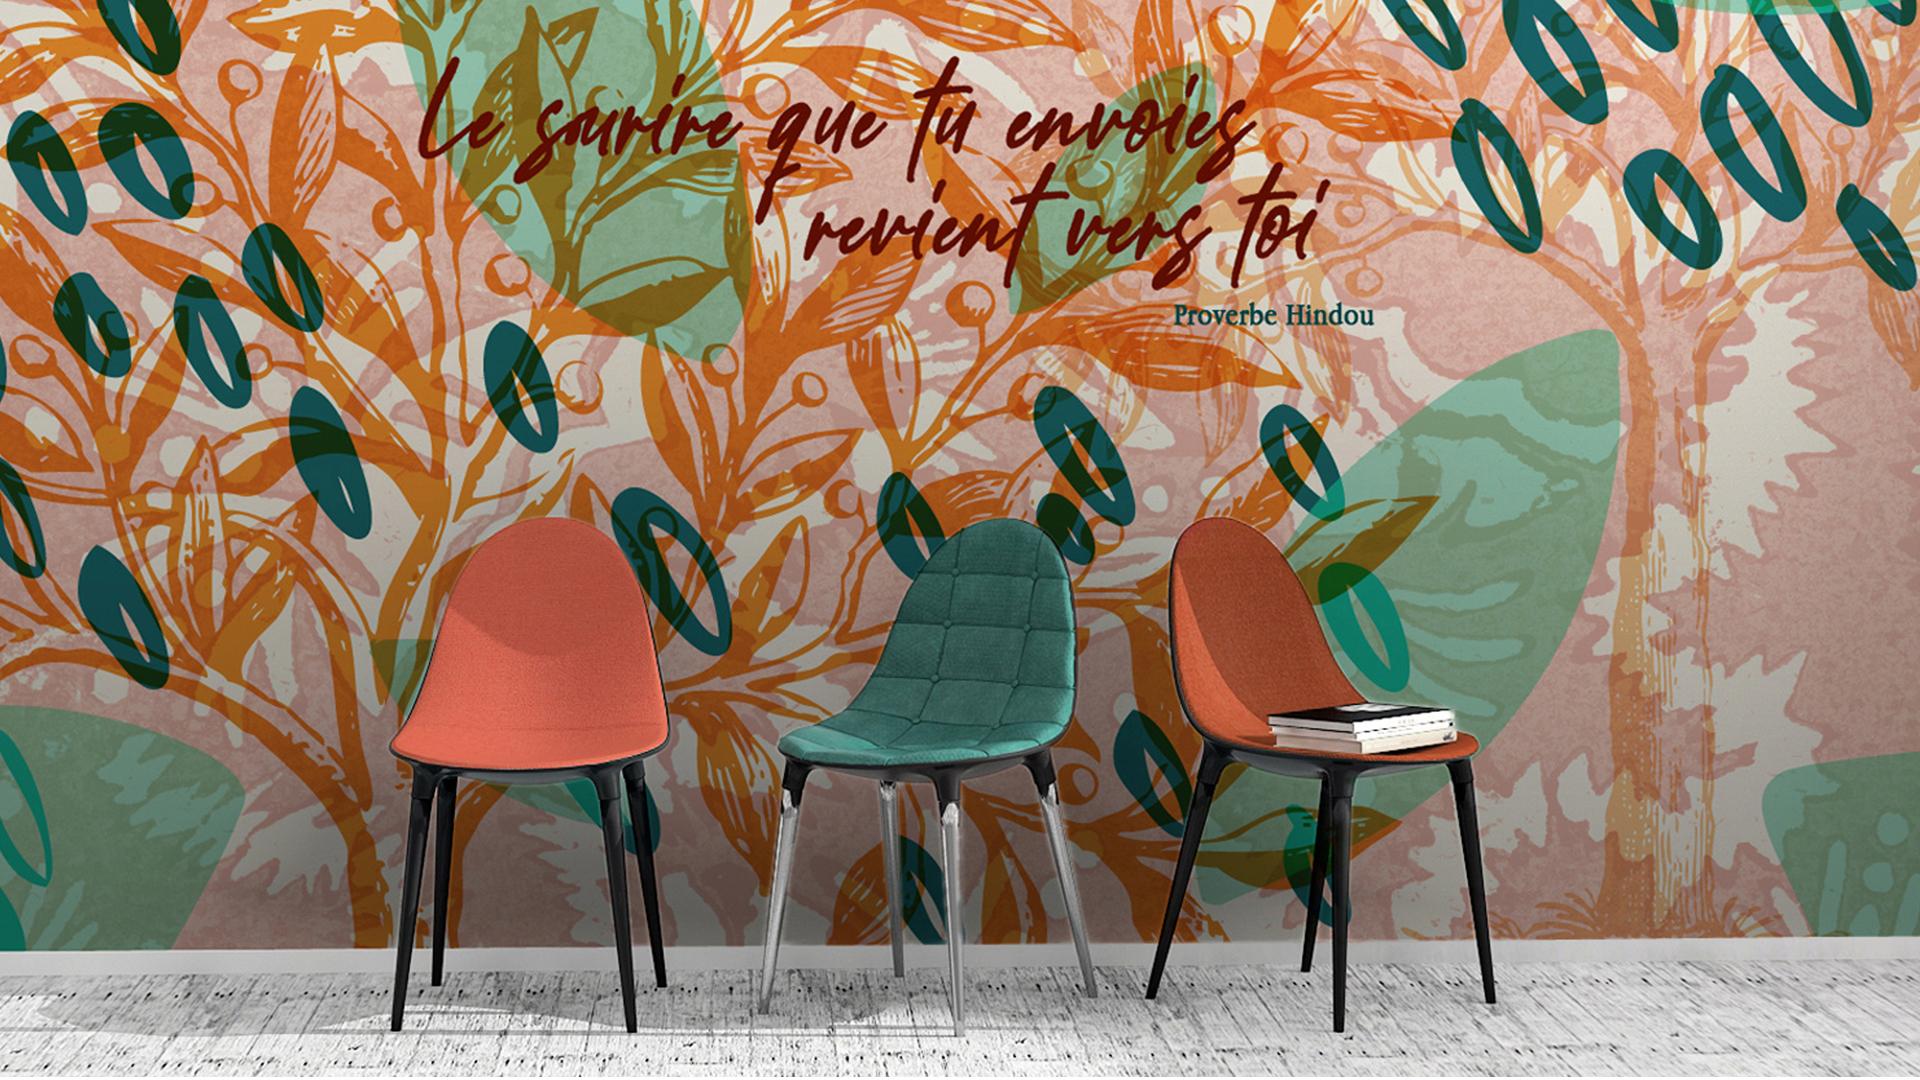 décoration restaurant cantine fresque mural design citation